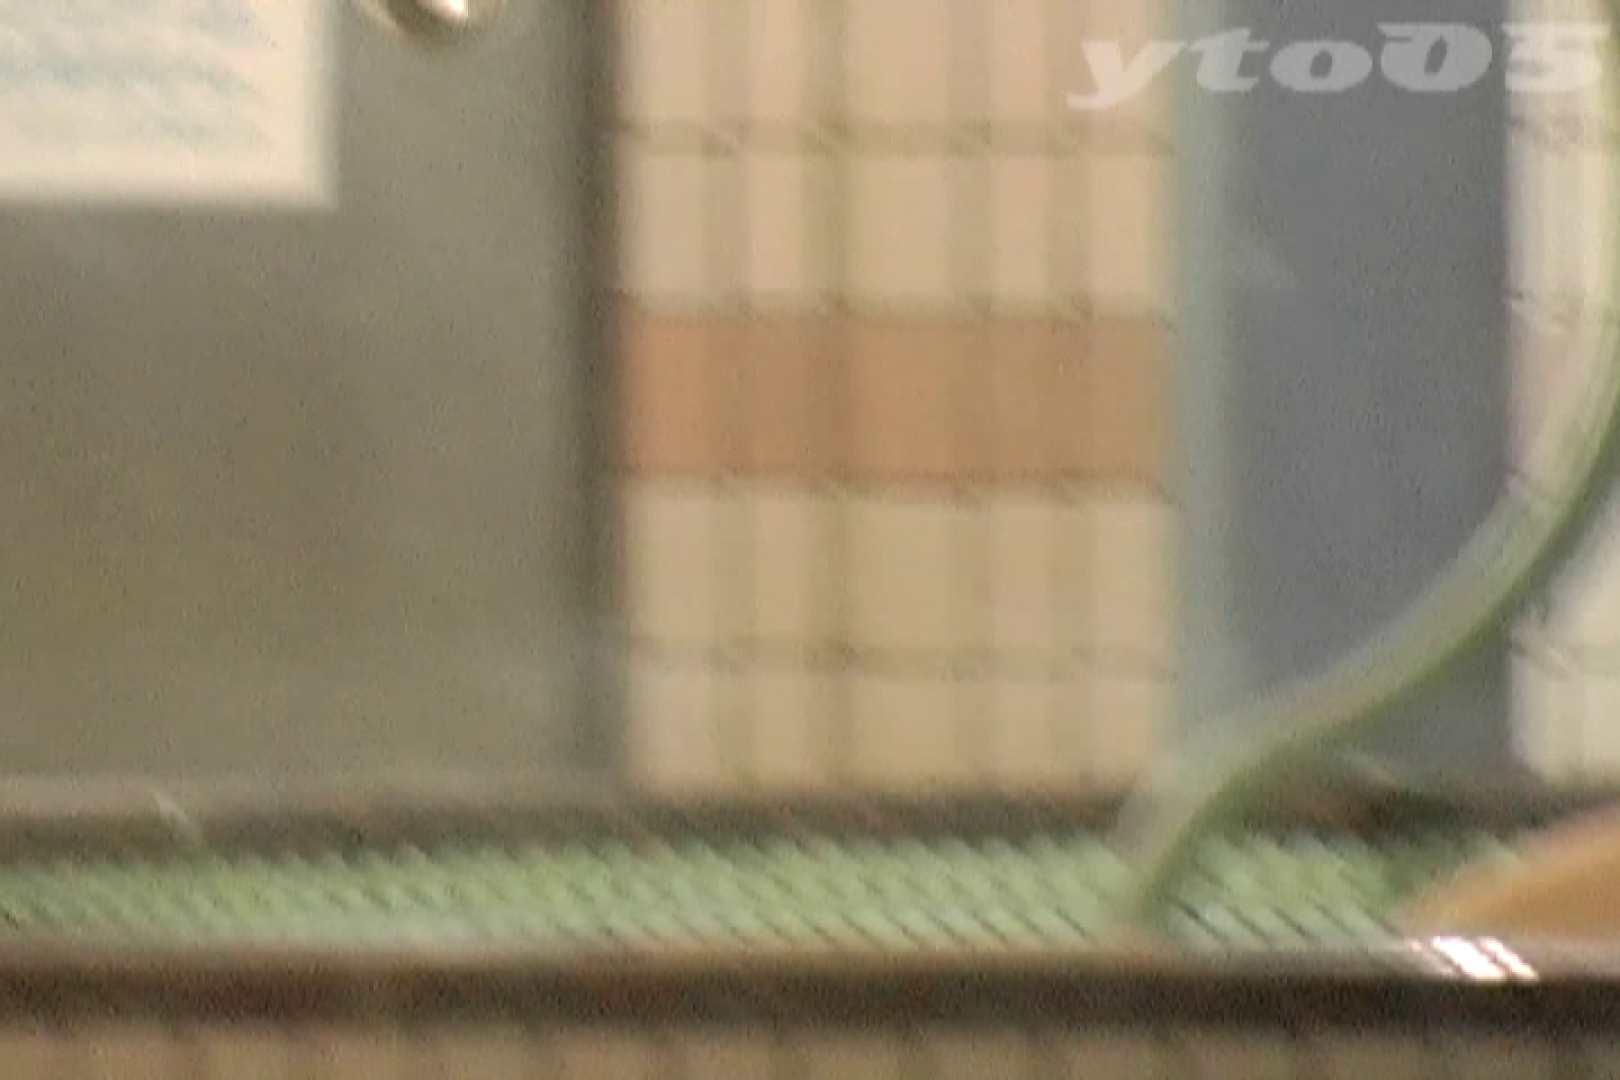 ▲復活限定▲合宿ホテル女風呂盗撮 Vol.29 期間限定 おめこ無修正画像 91PIX 86